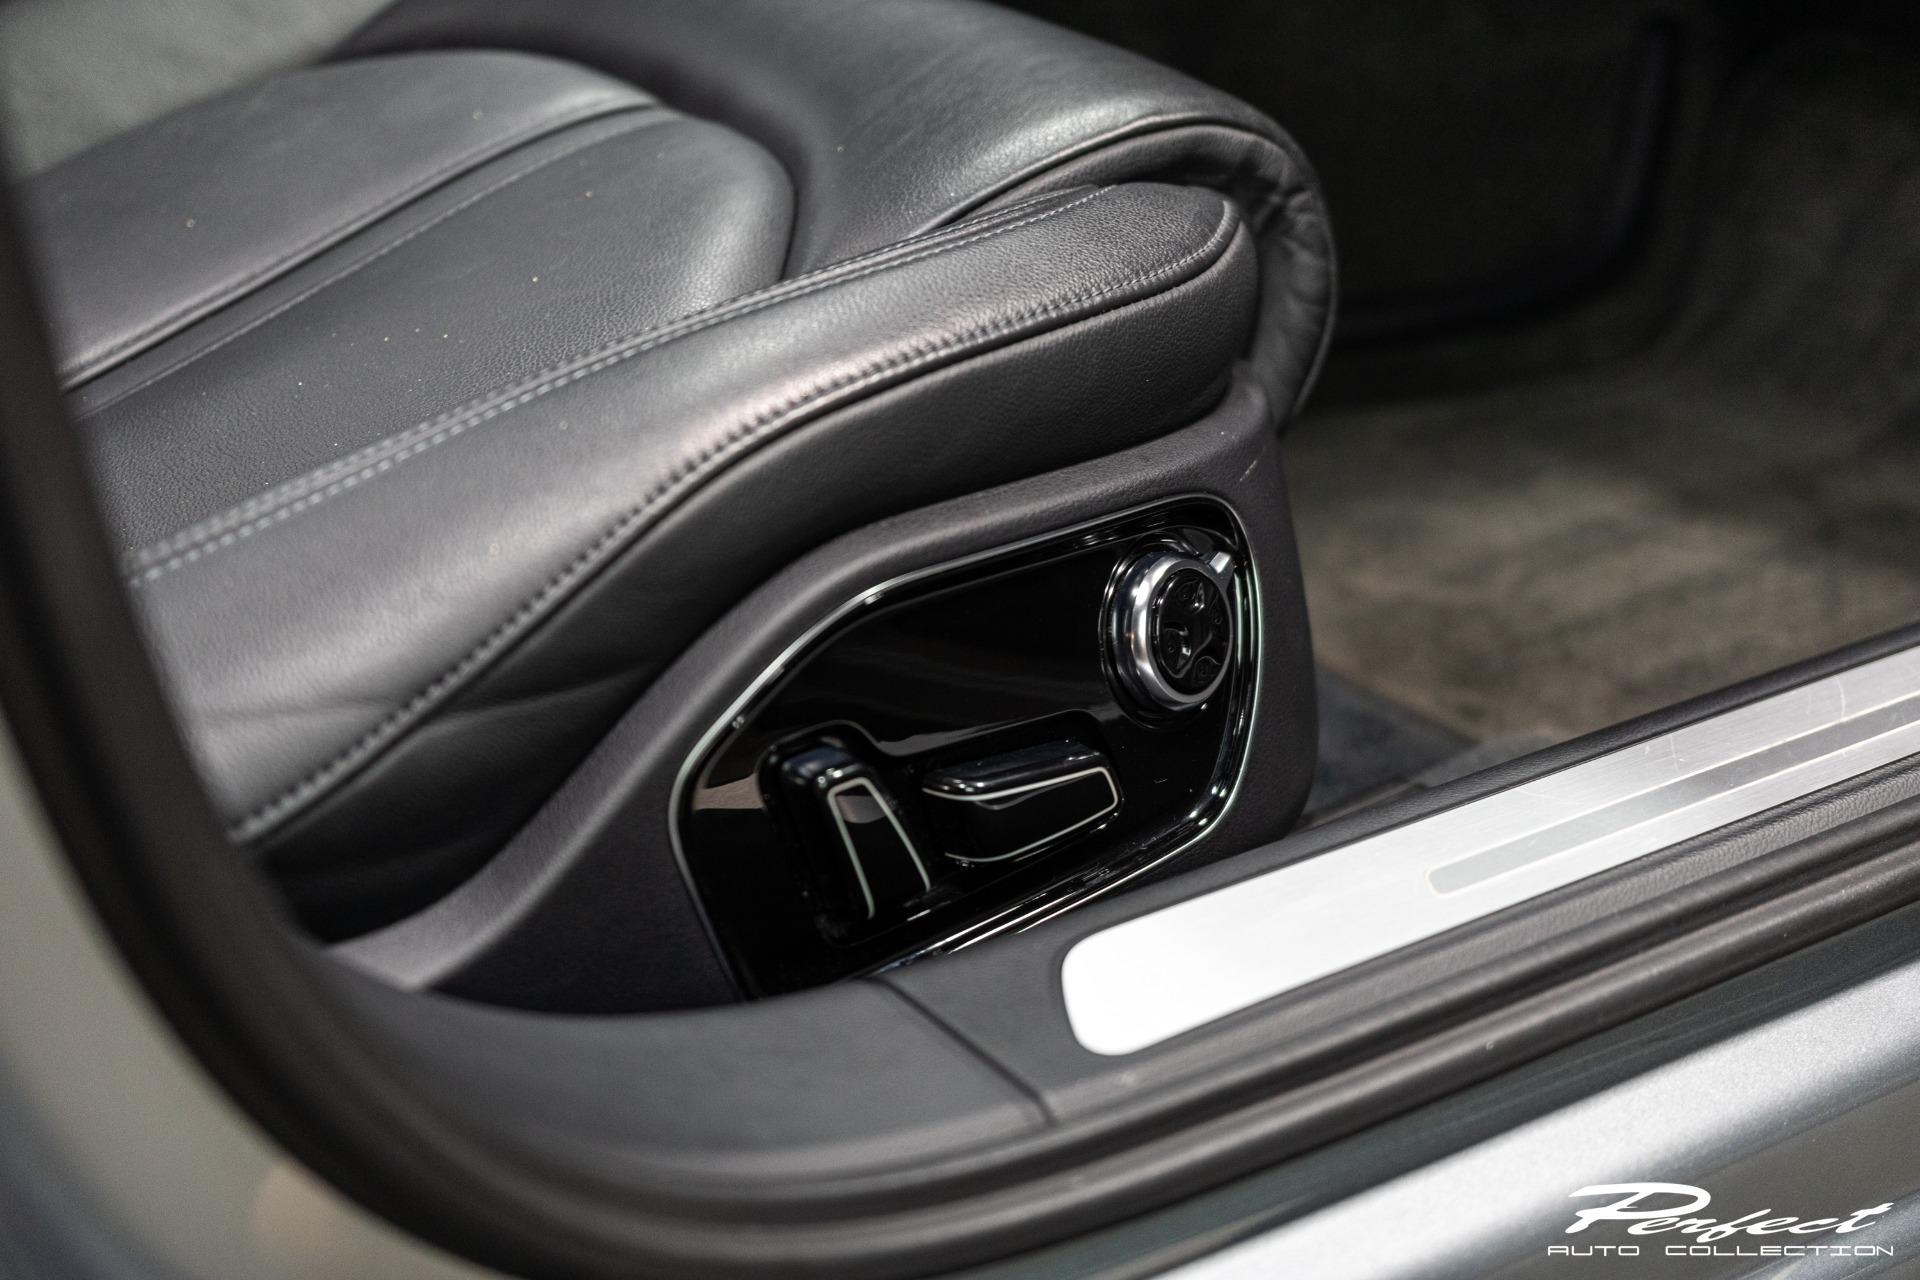 Used 2011 Audi A8 quattro